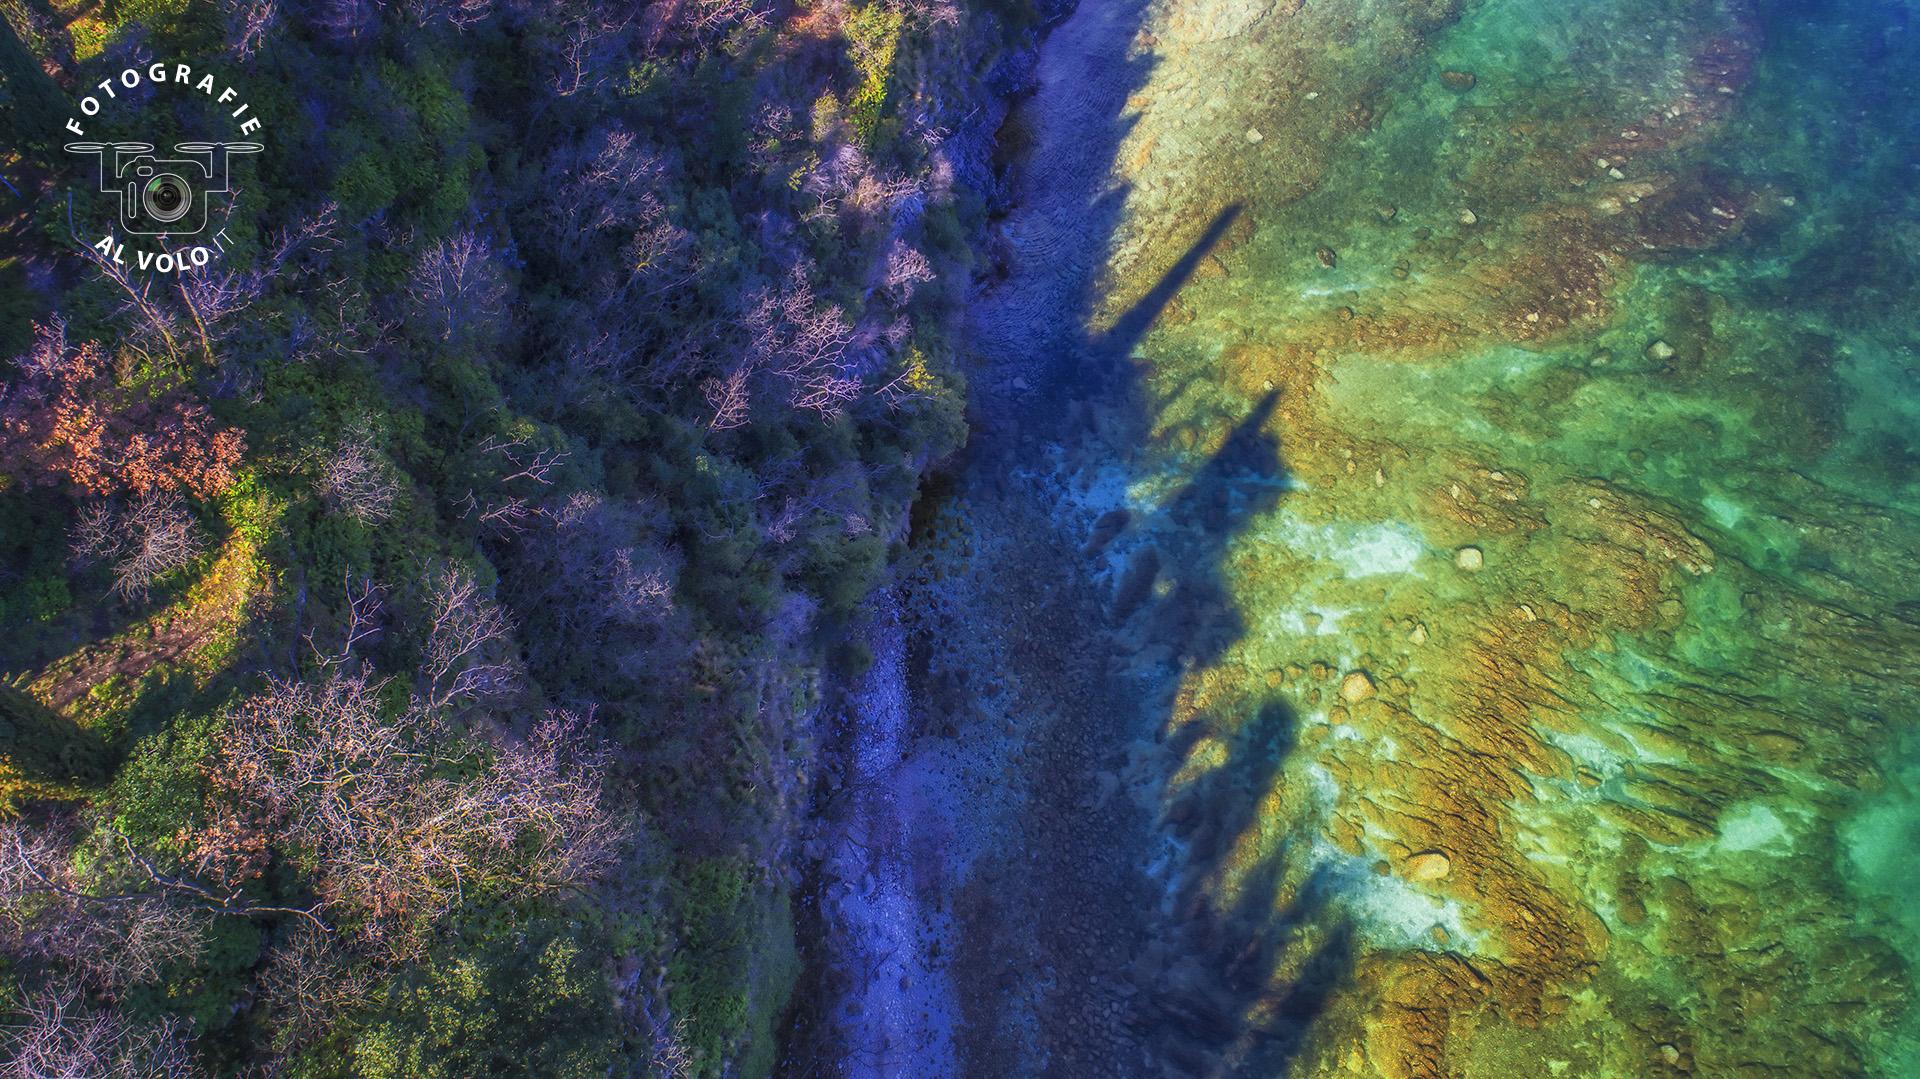 Fotografie Al Volo! Riprese aeree con drone - San Felice del Benaco - Lago di Garda - Tobia Fattori